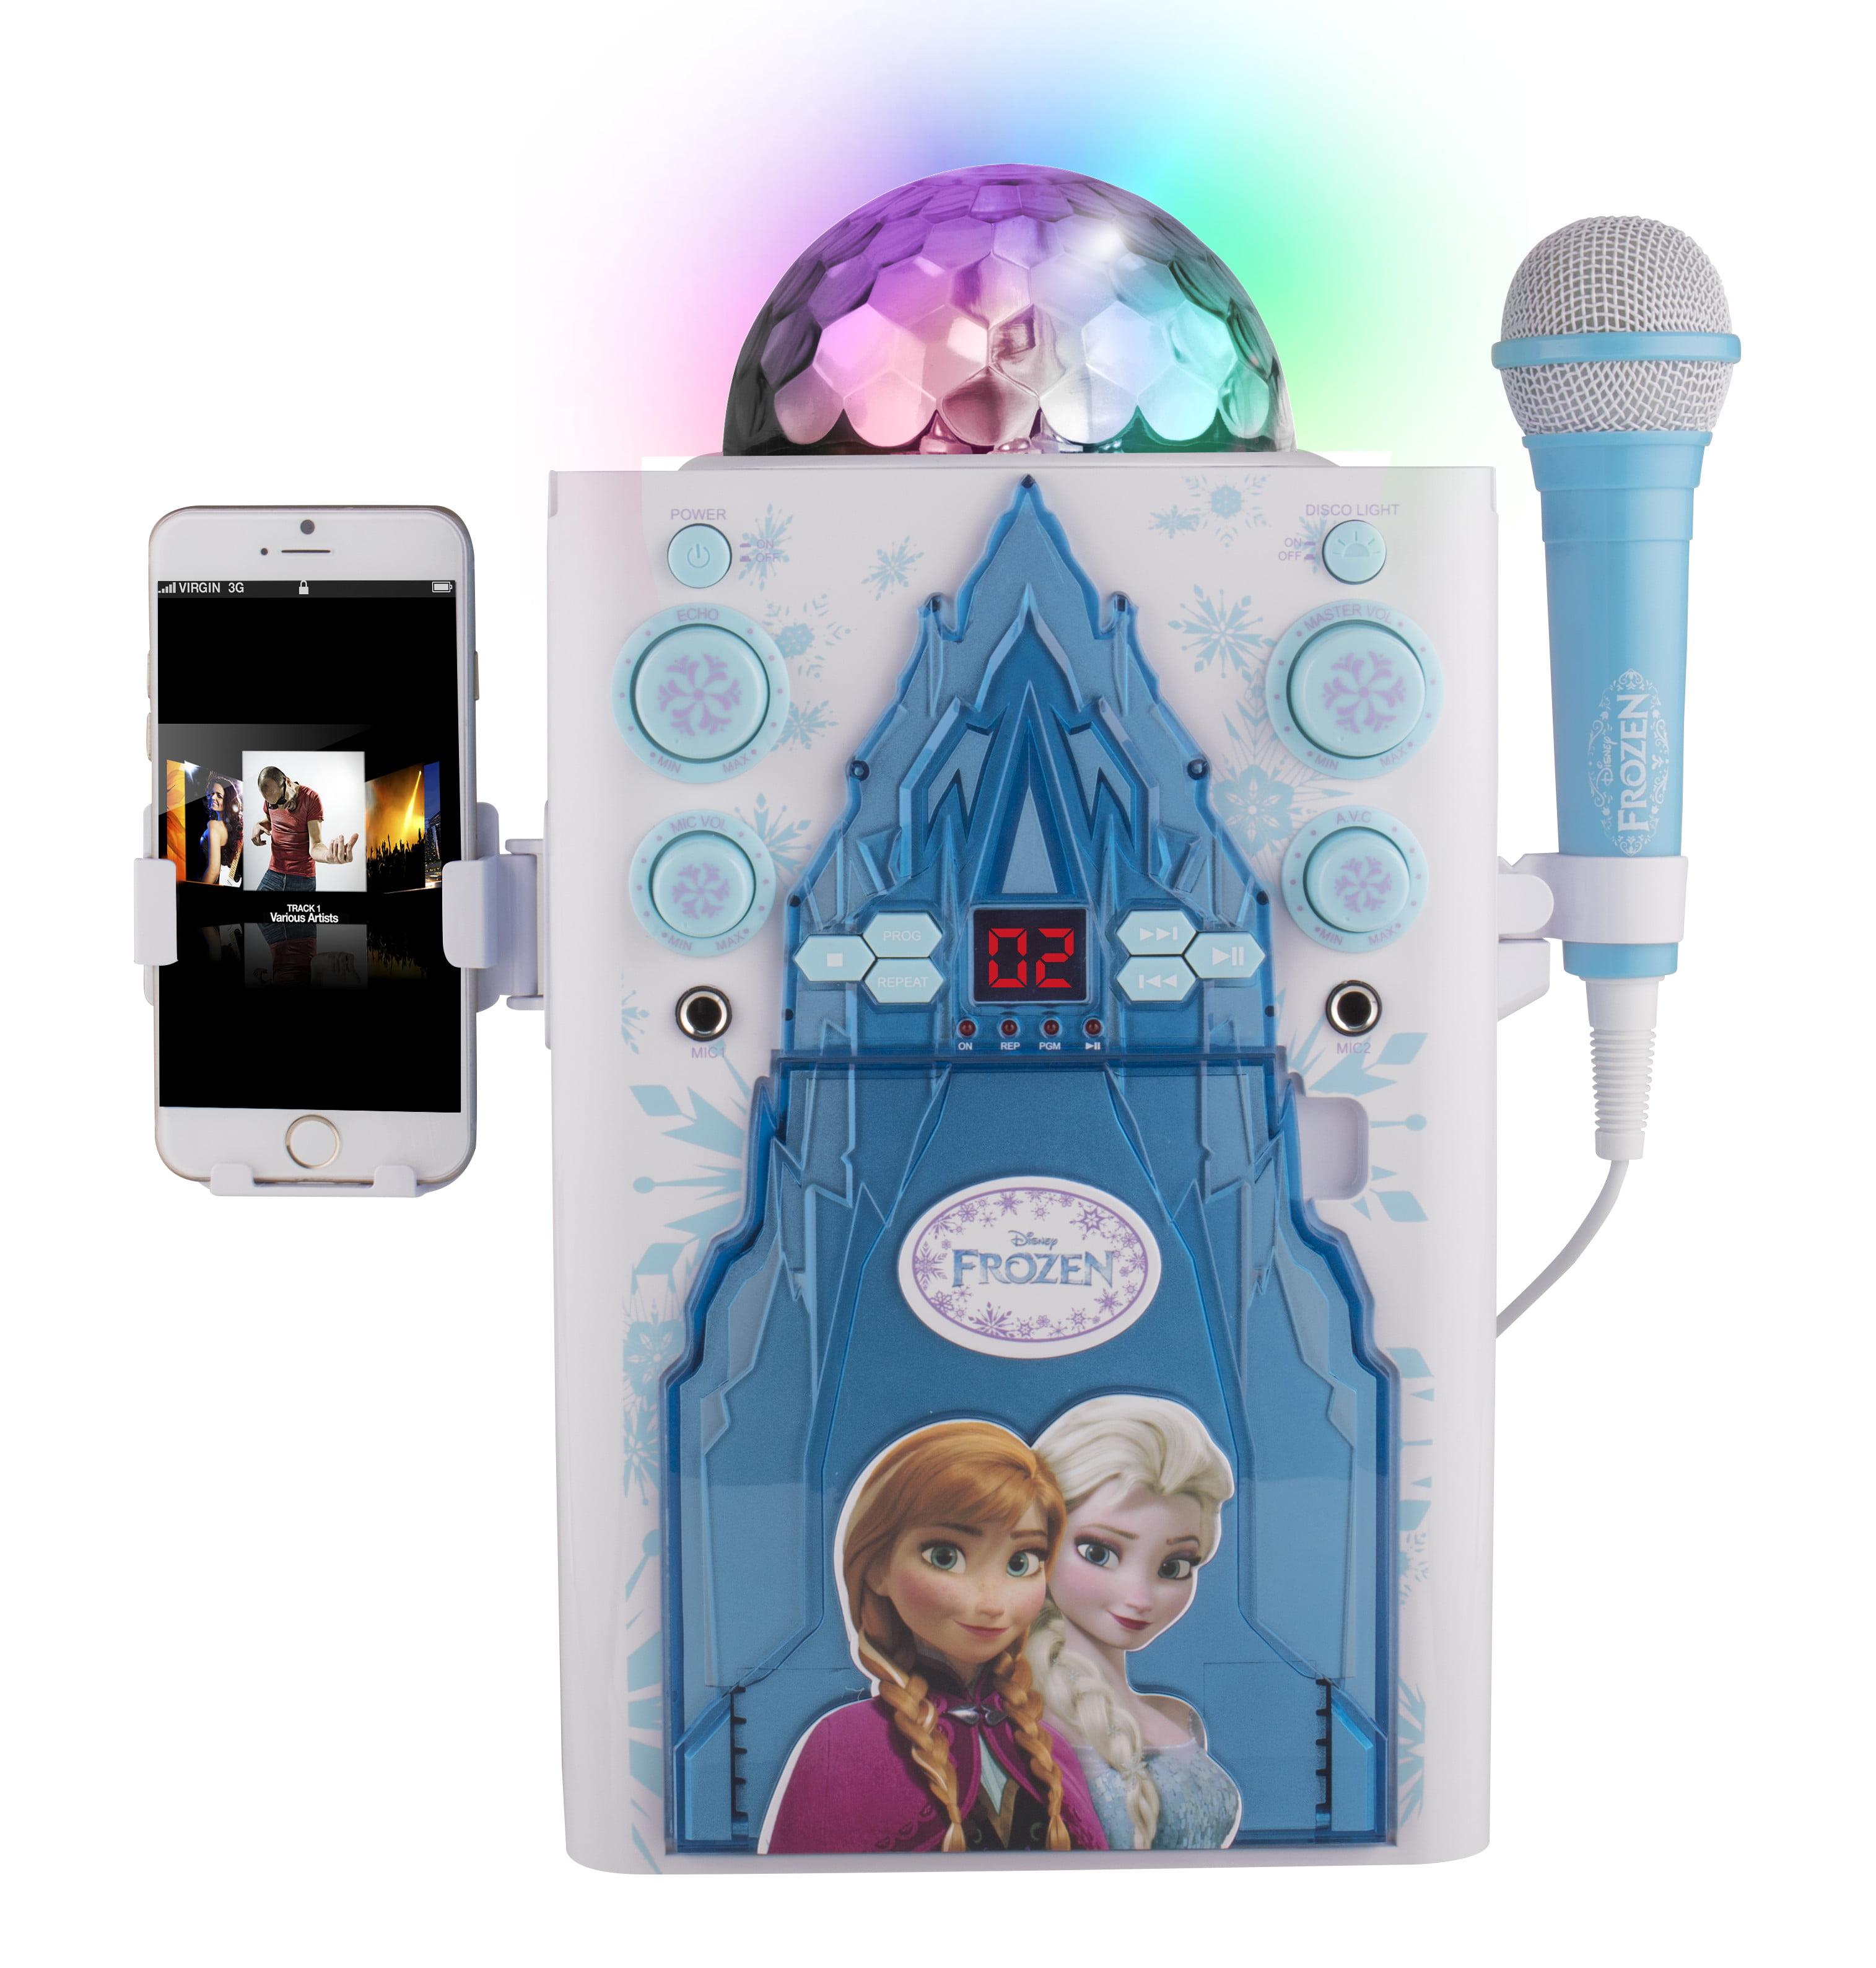 Karaoke Congela la bola de discoteca Karaoke + Generic en Veo y Compro